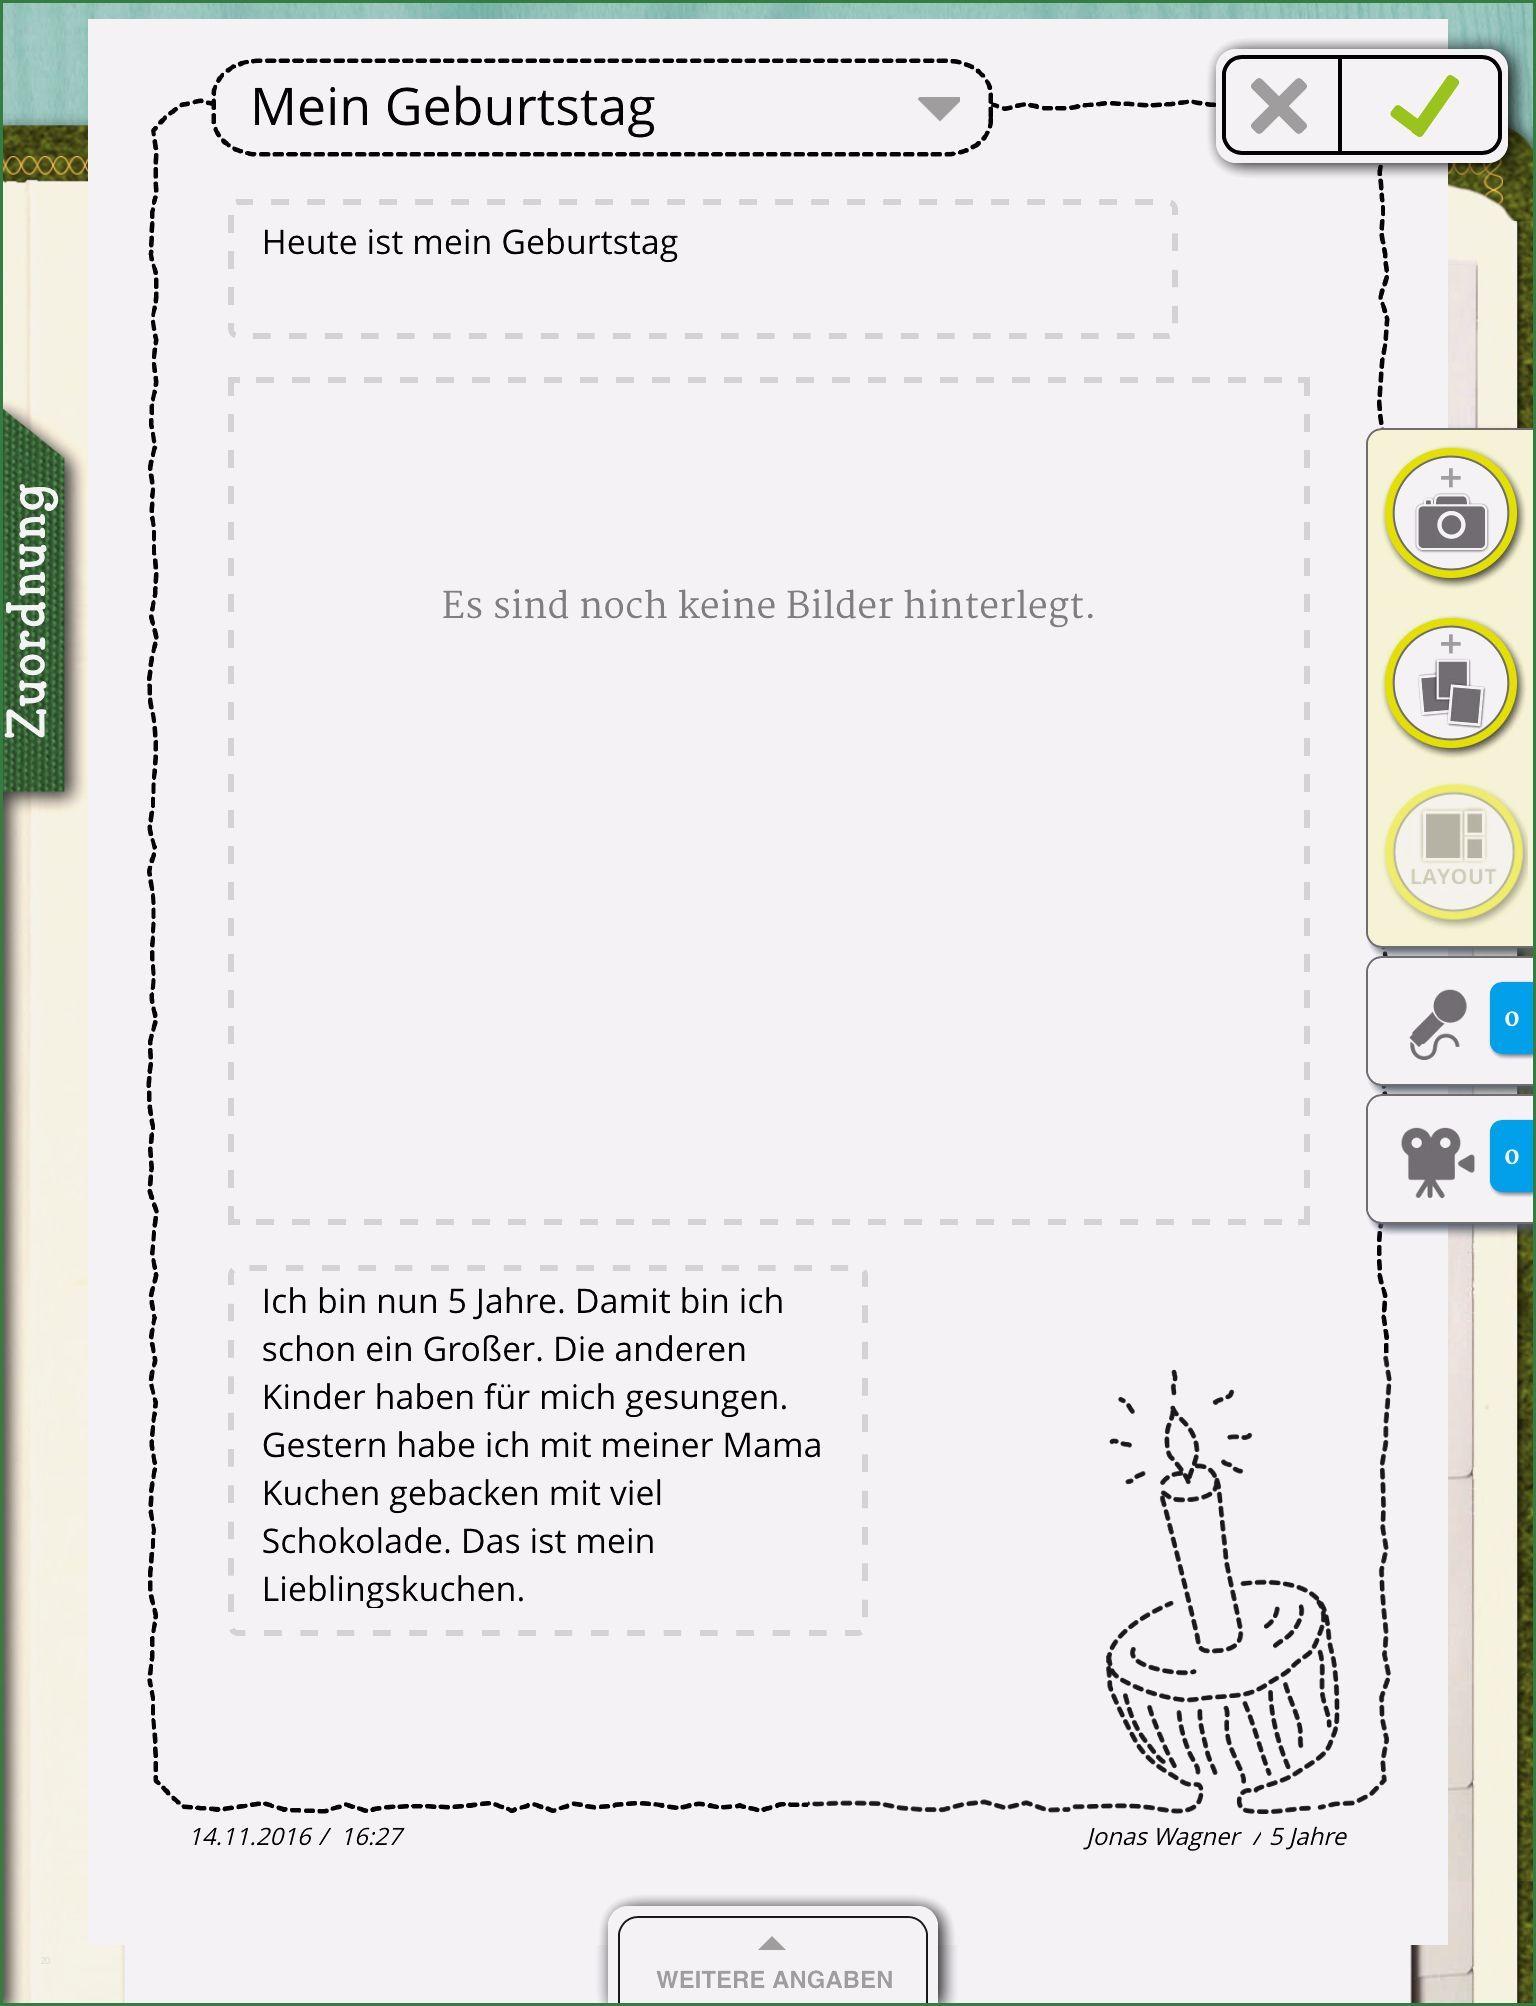 21 Einzigartig Portfolio Krippe Vorlagen Bilder In 2020 Kindergarten Portfolio Kindergarten Inspiration Document Templates